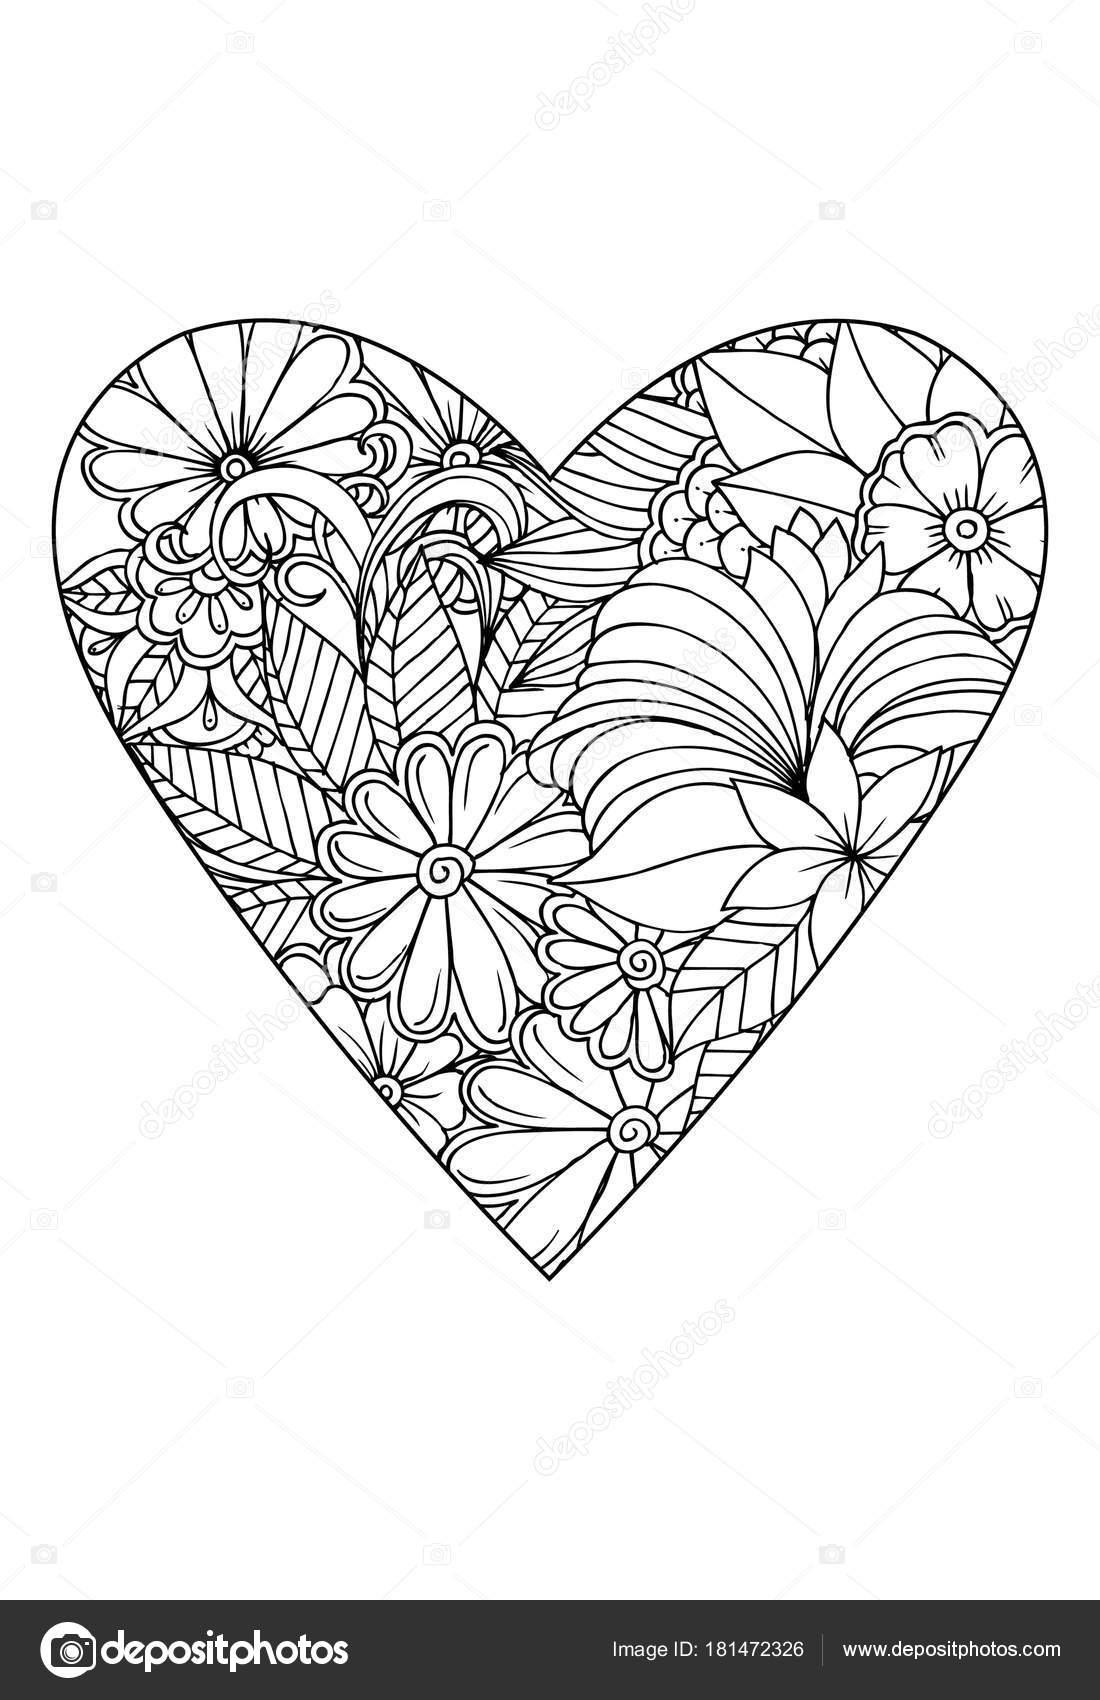 【Royalty Free】 Kalp Boyama Kitabı